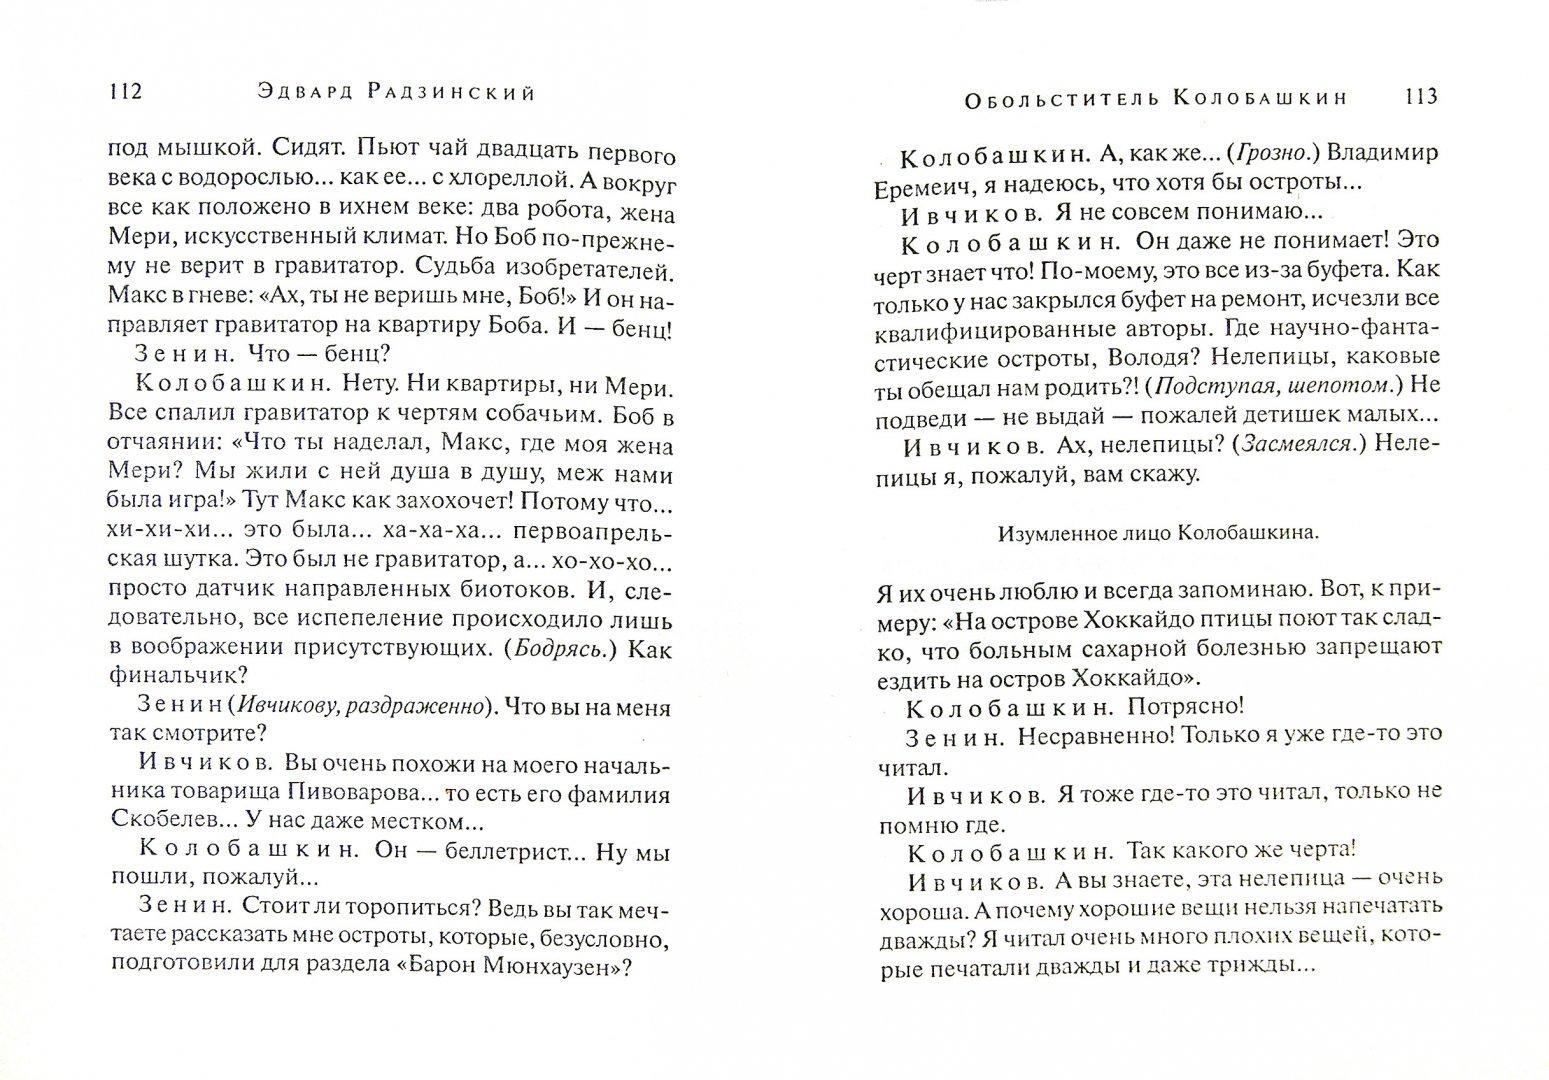 Иллюстрация 1 из 2 для Чуть-чуть о женщине - Эдвард Радзинский   Лабиринт - книги. Источник: Лабиринт